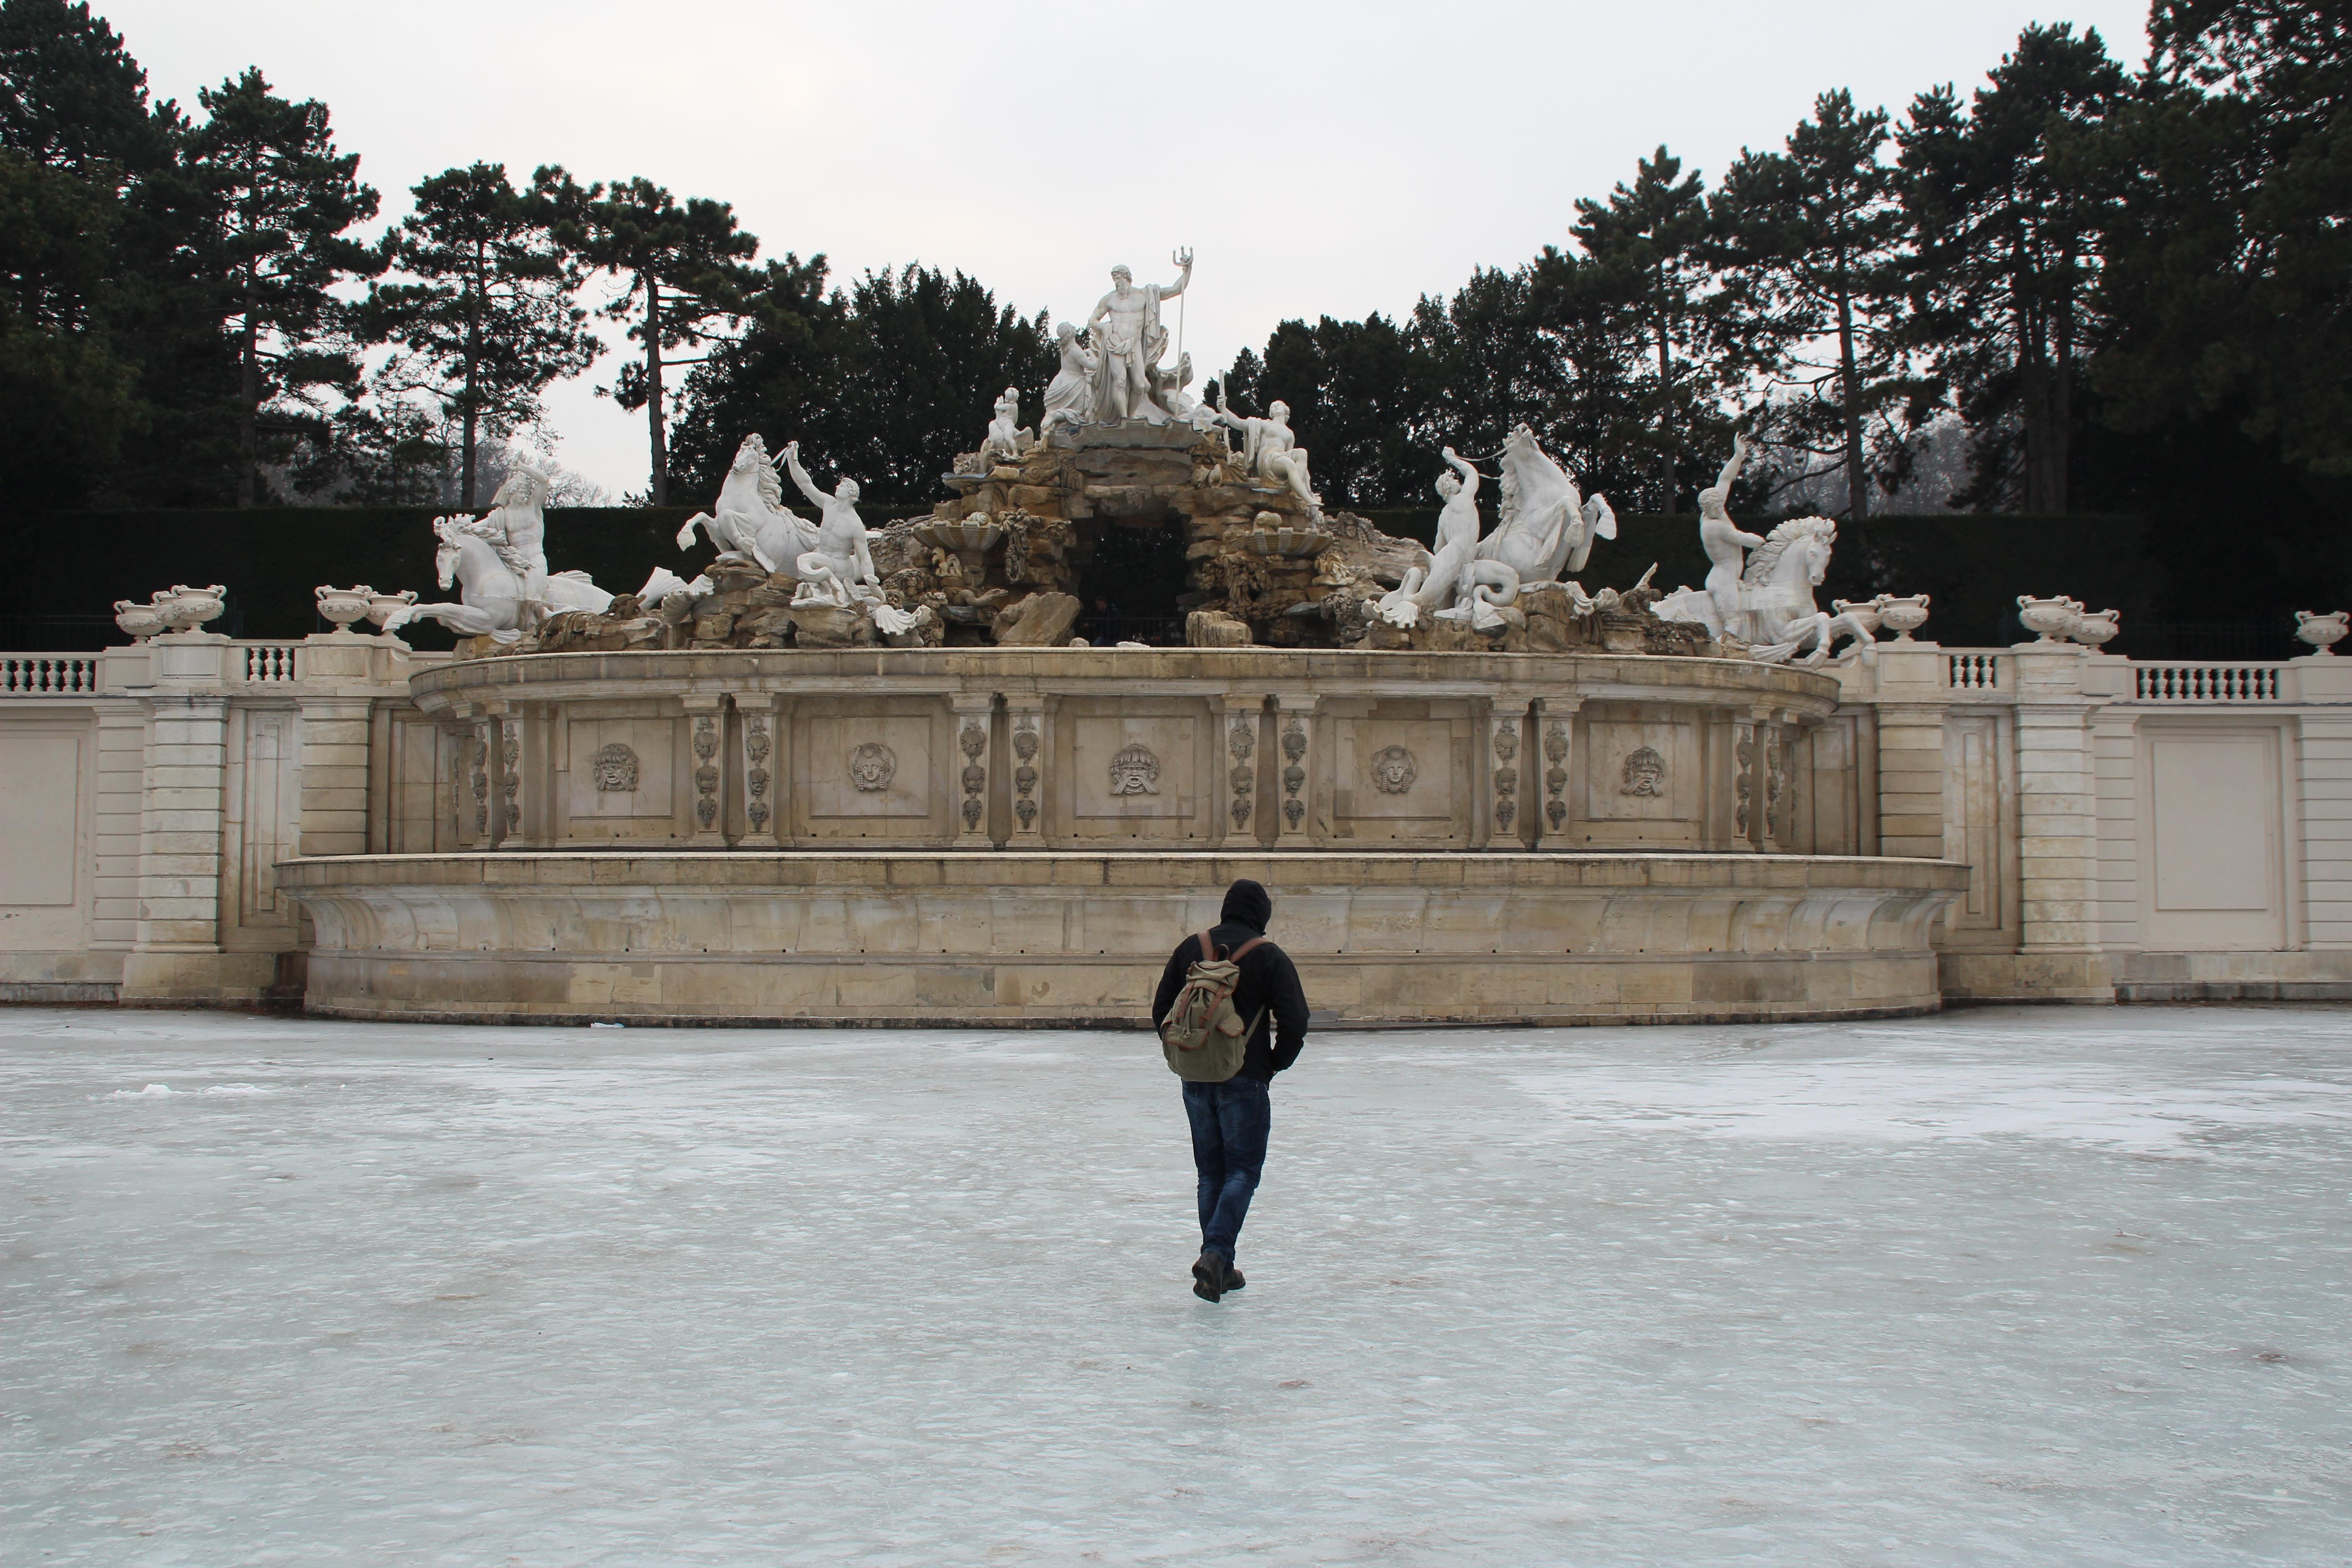 Haltet Männer fern von Eis - mein Kleinkind macht Unfug! Wien - Schlossgarten Schönbrunn